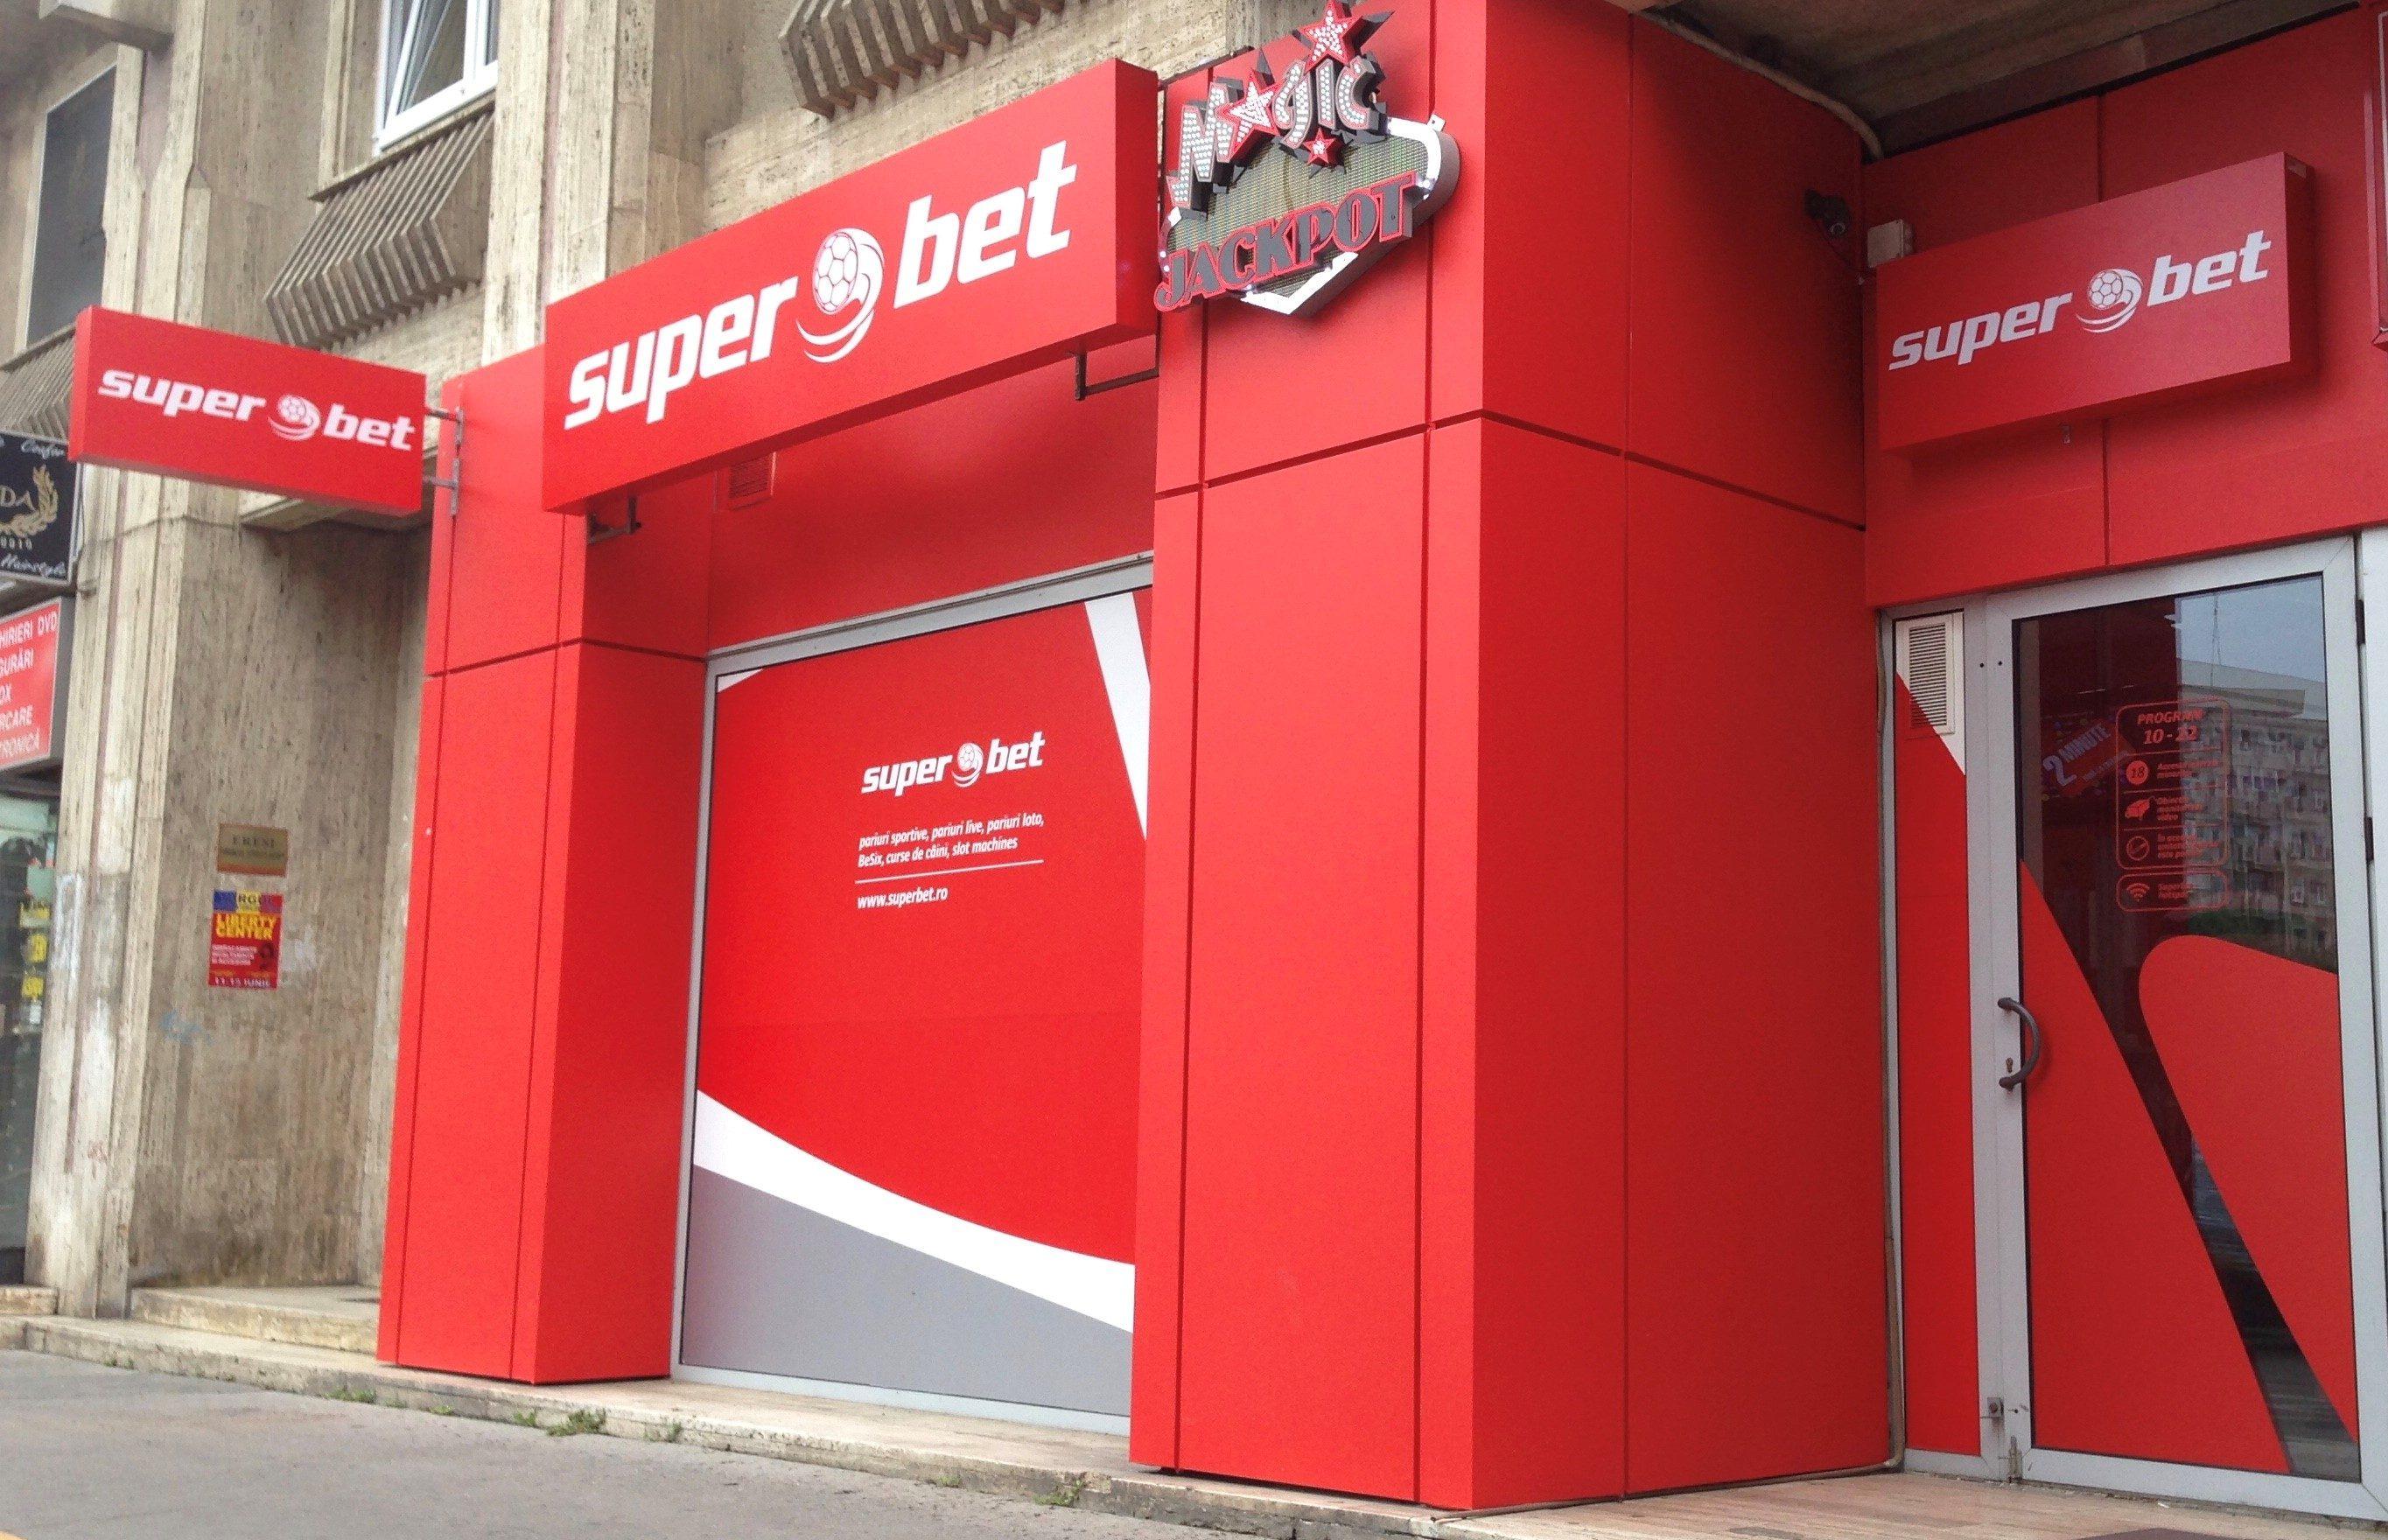 Program azi agenții Superbet 2019. Află dacă e deschis